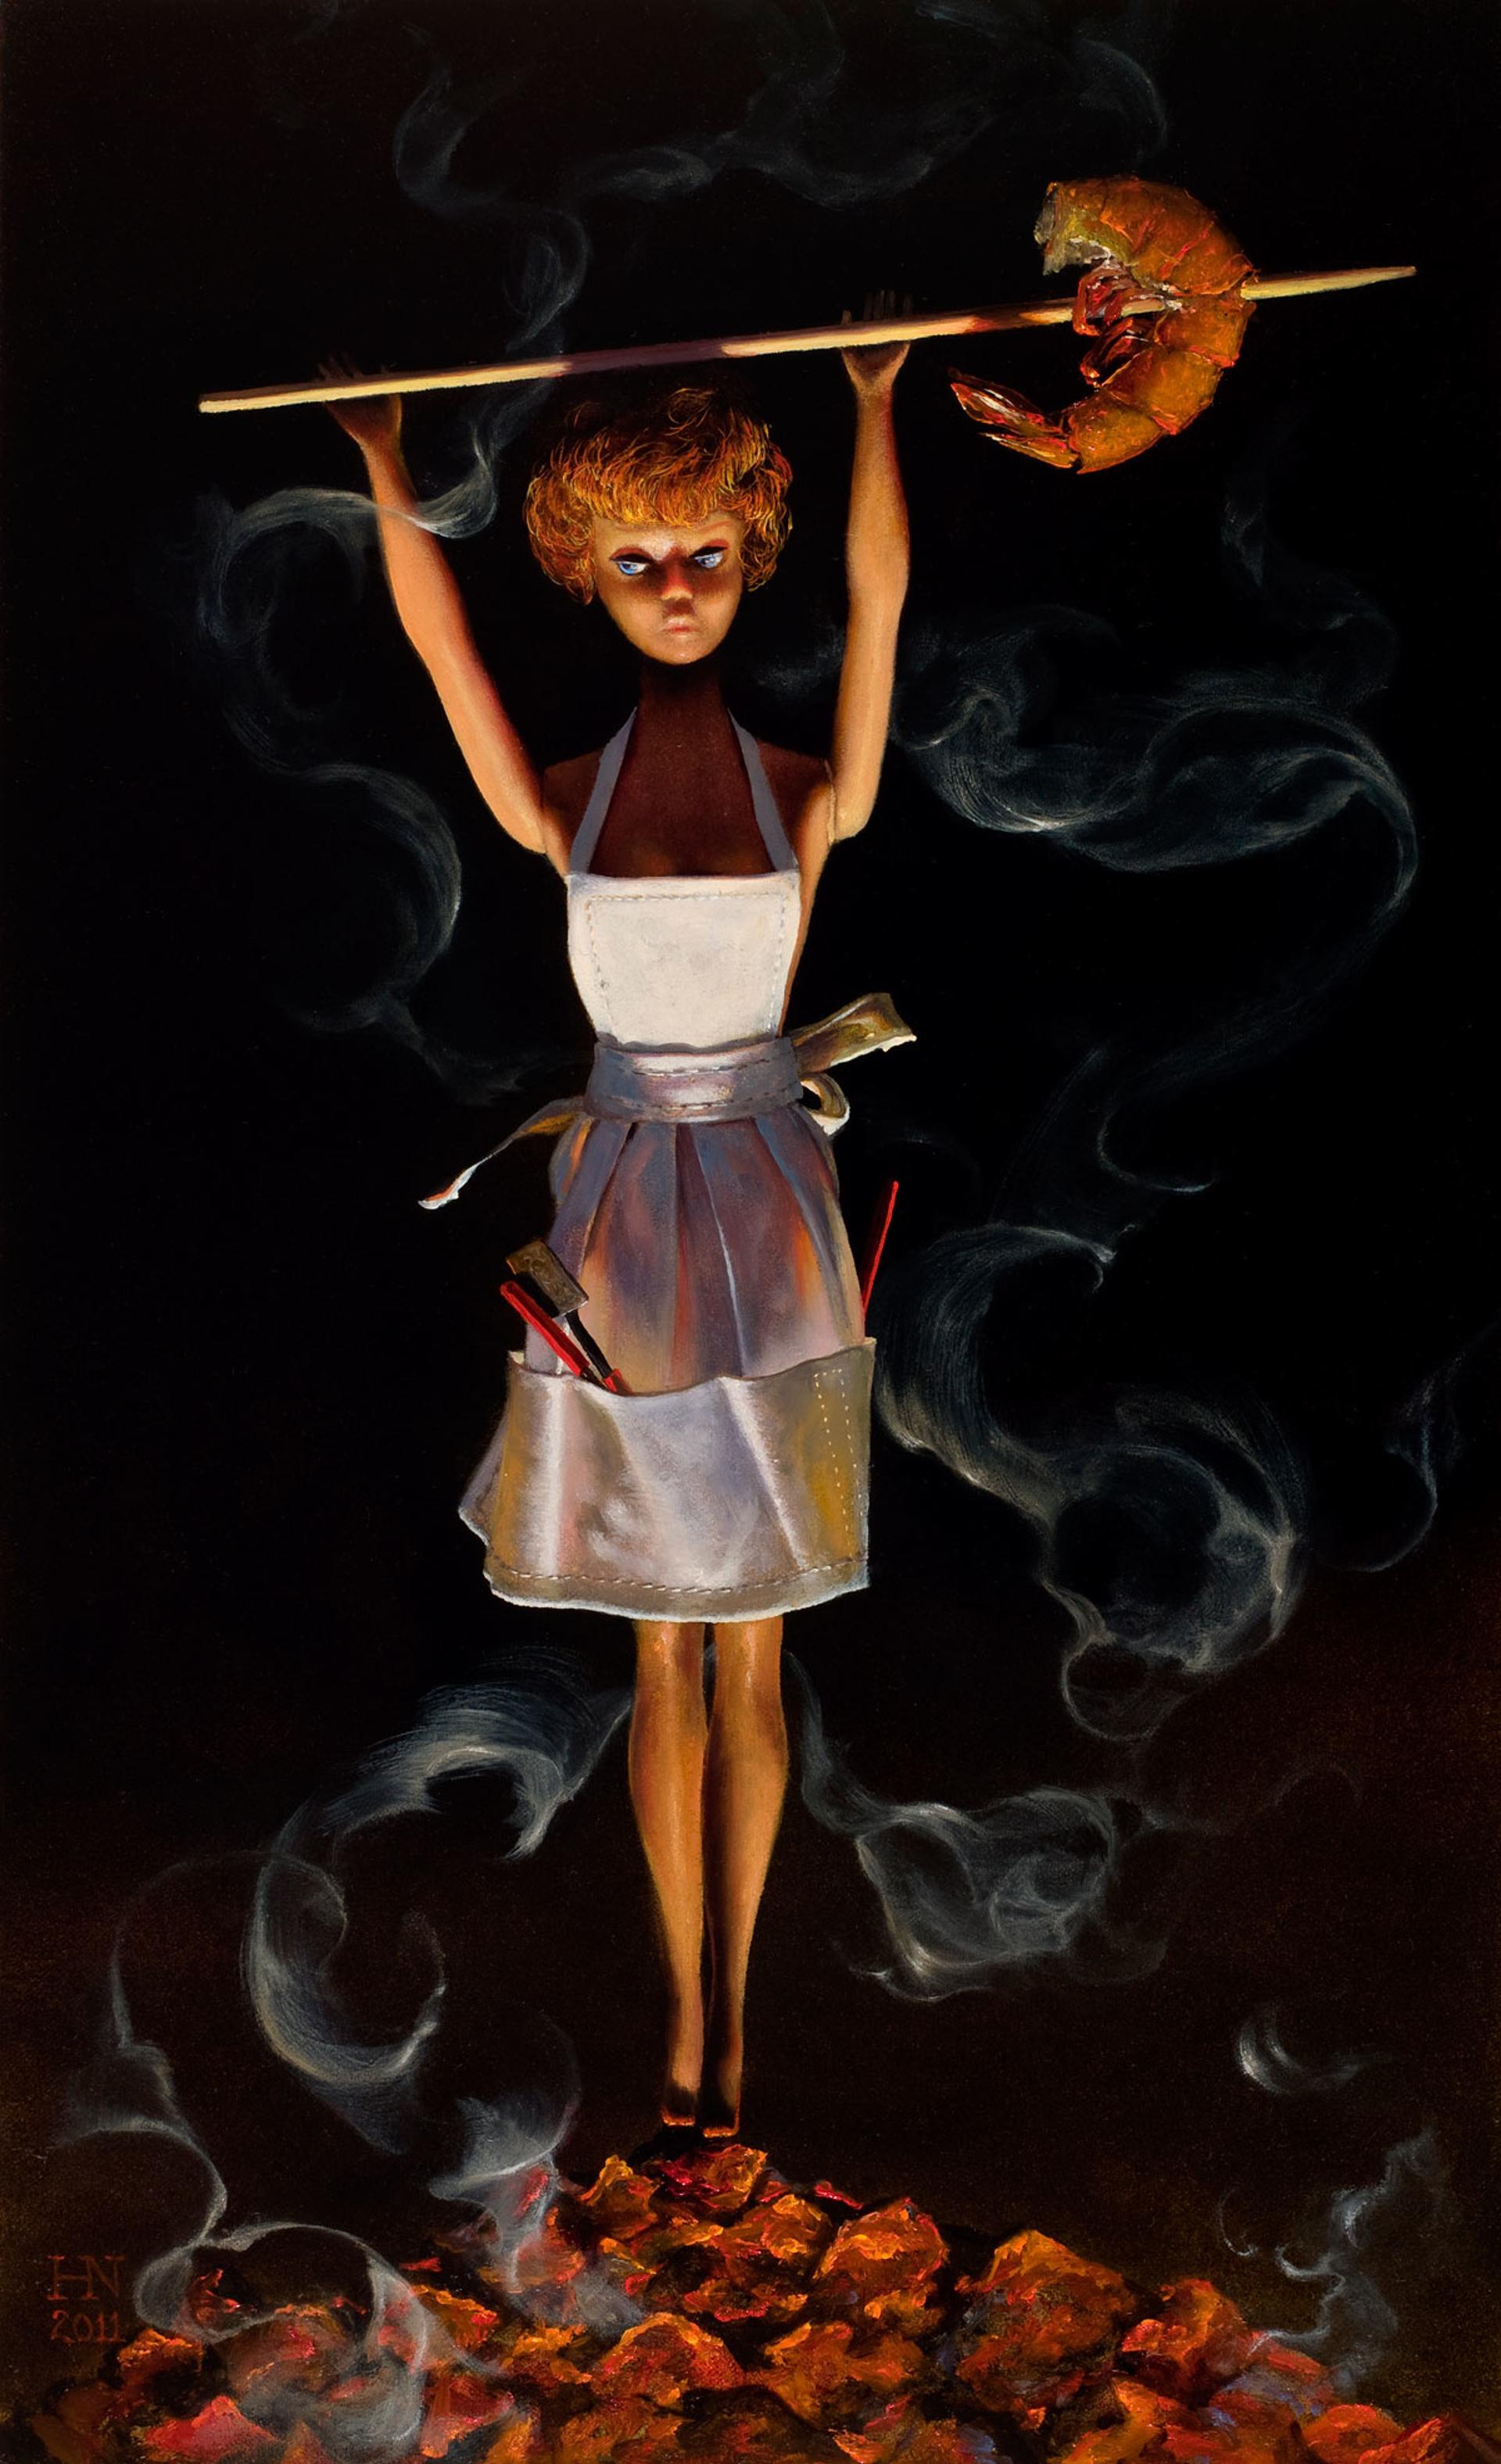 Firewalker by Heather Neill